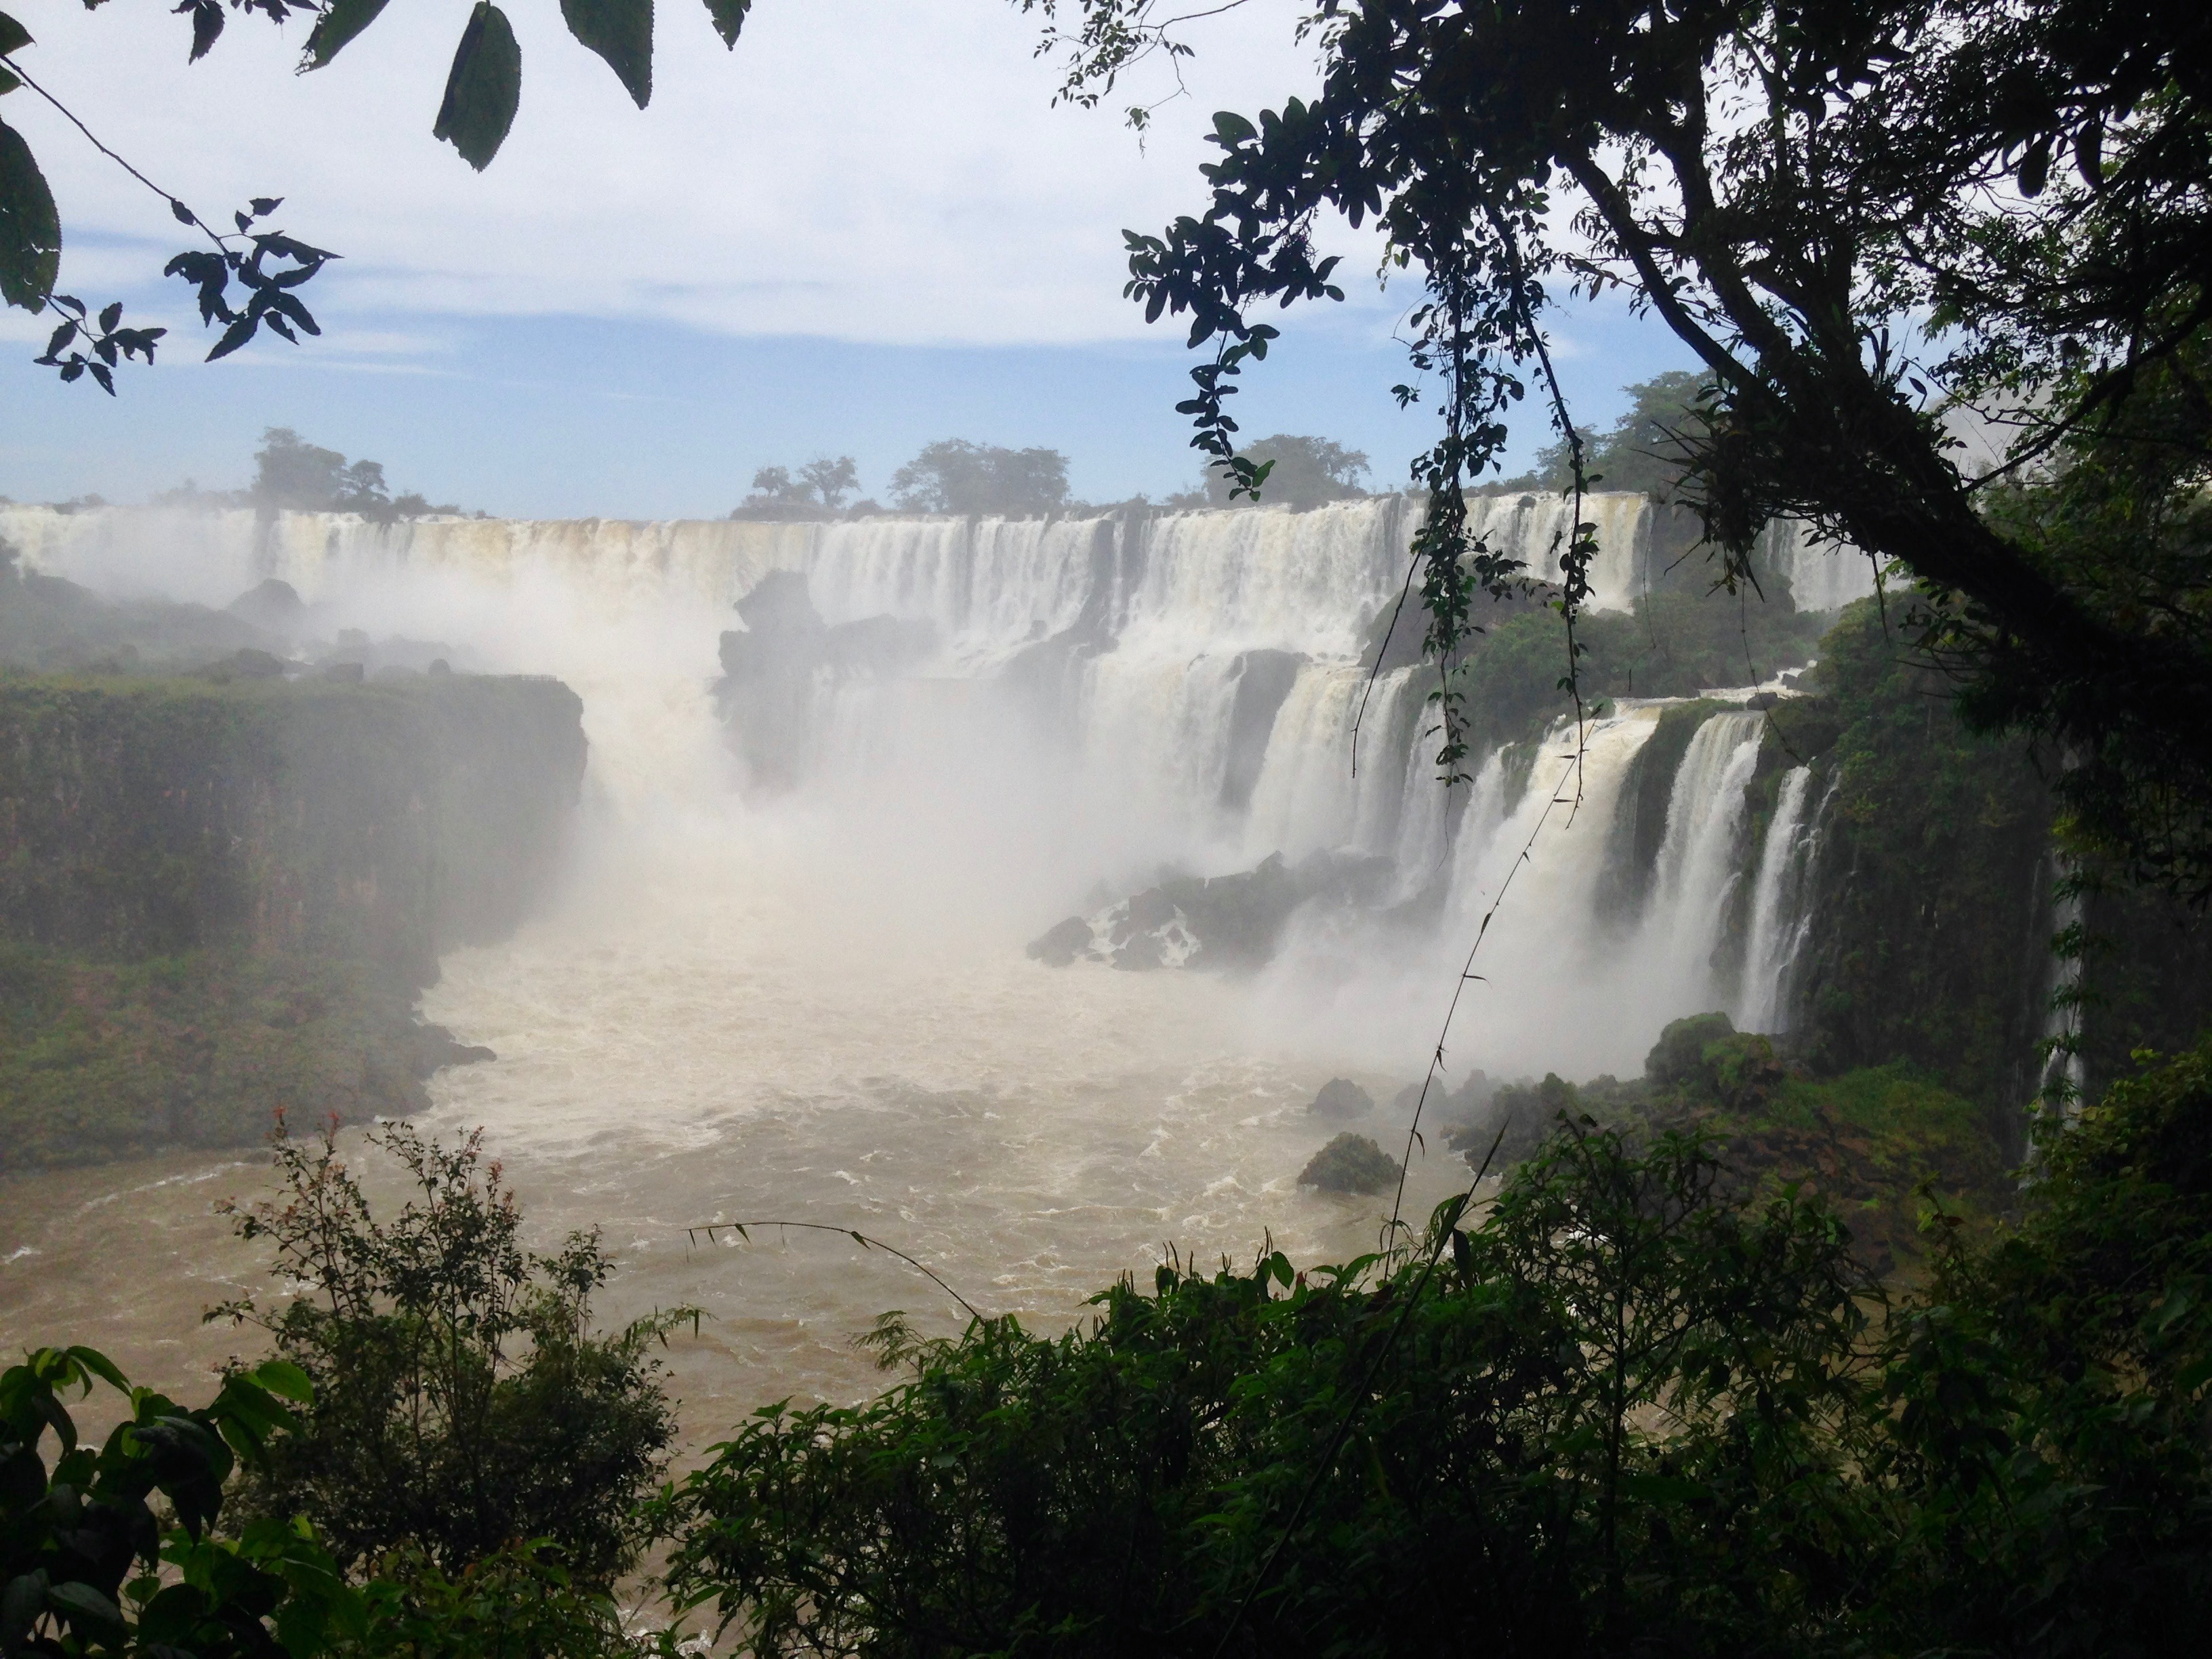 Foz do Iguaçu, ARG 2017